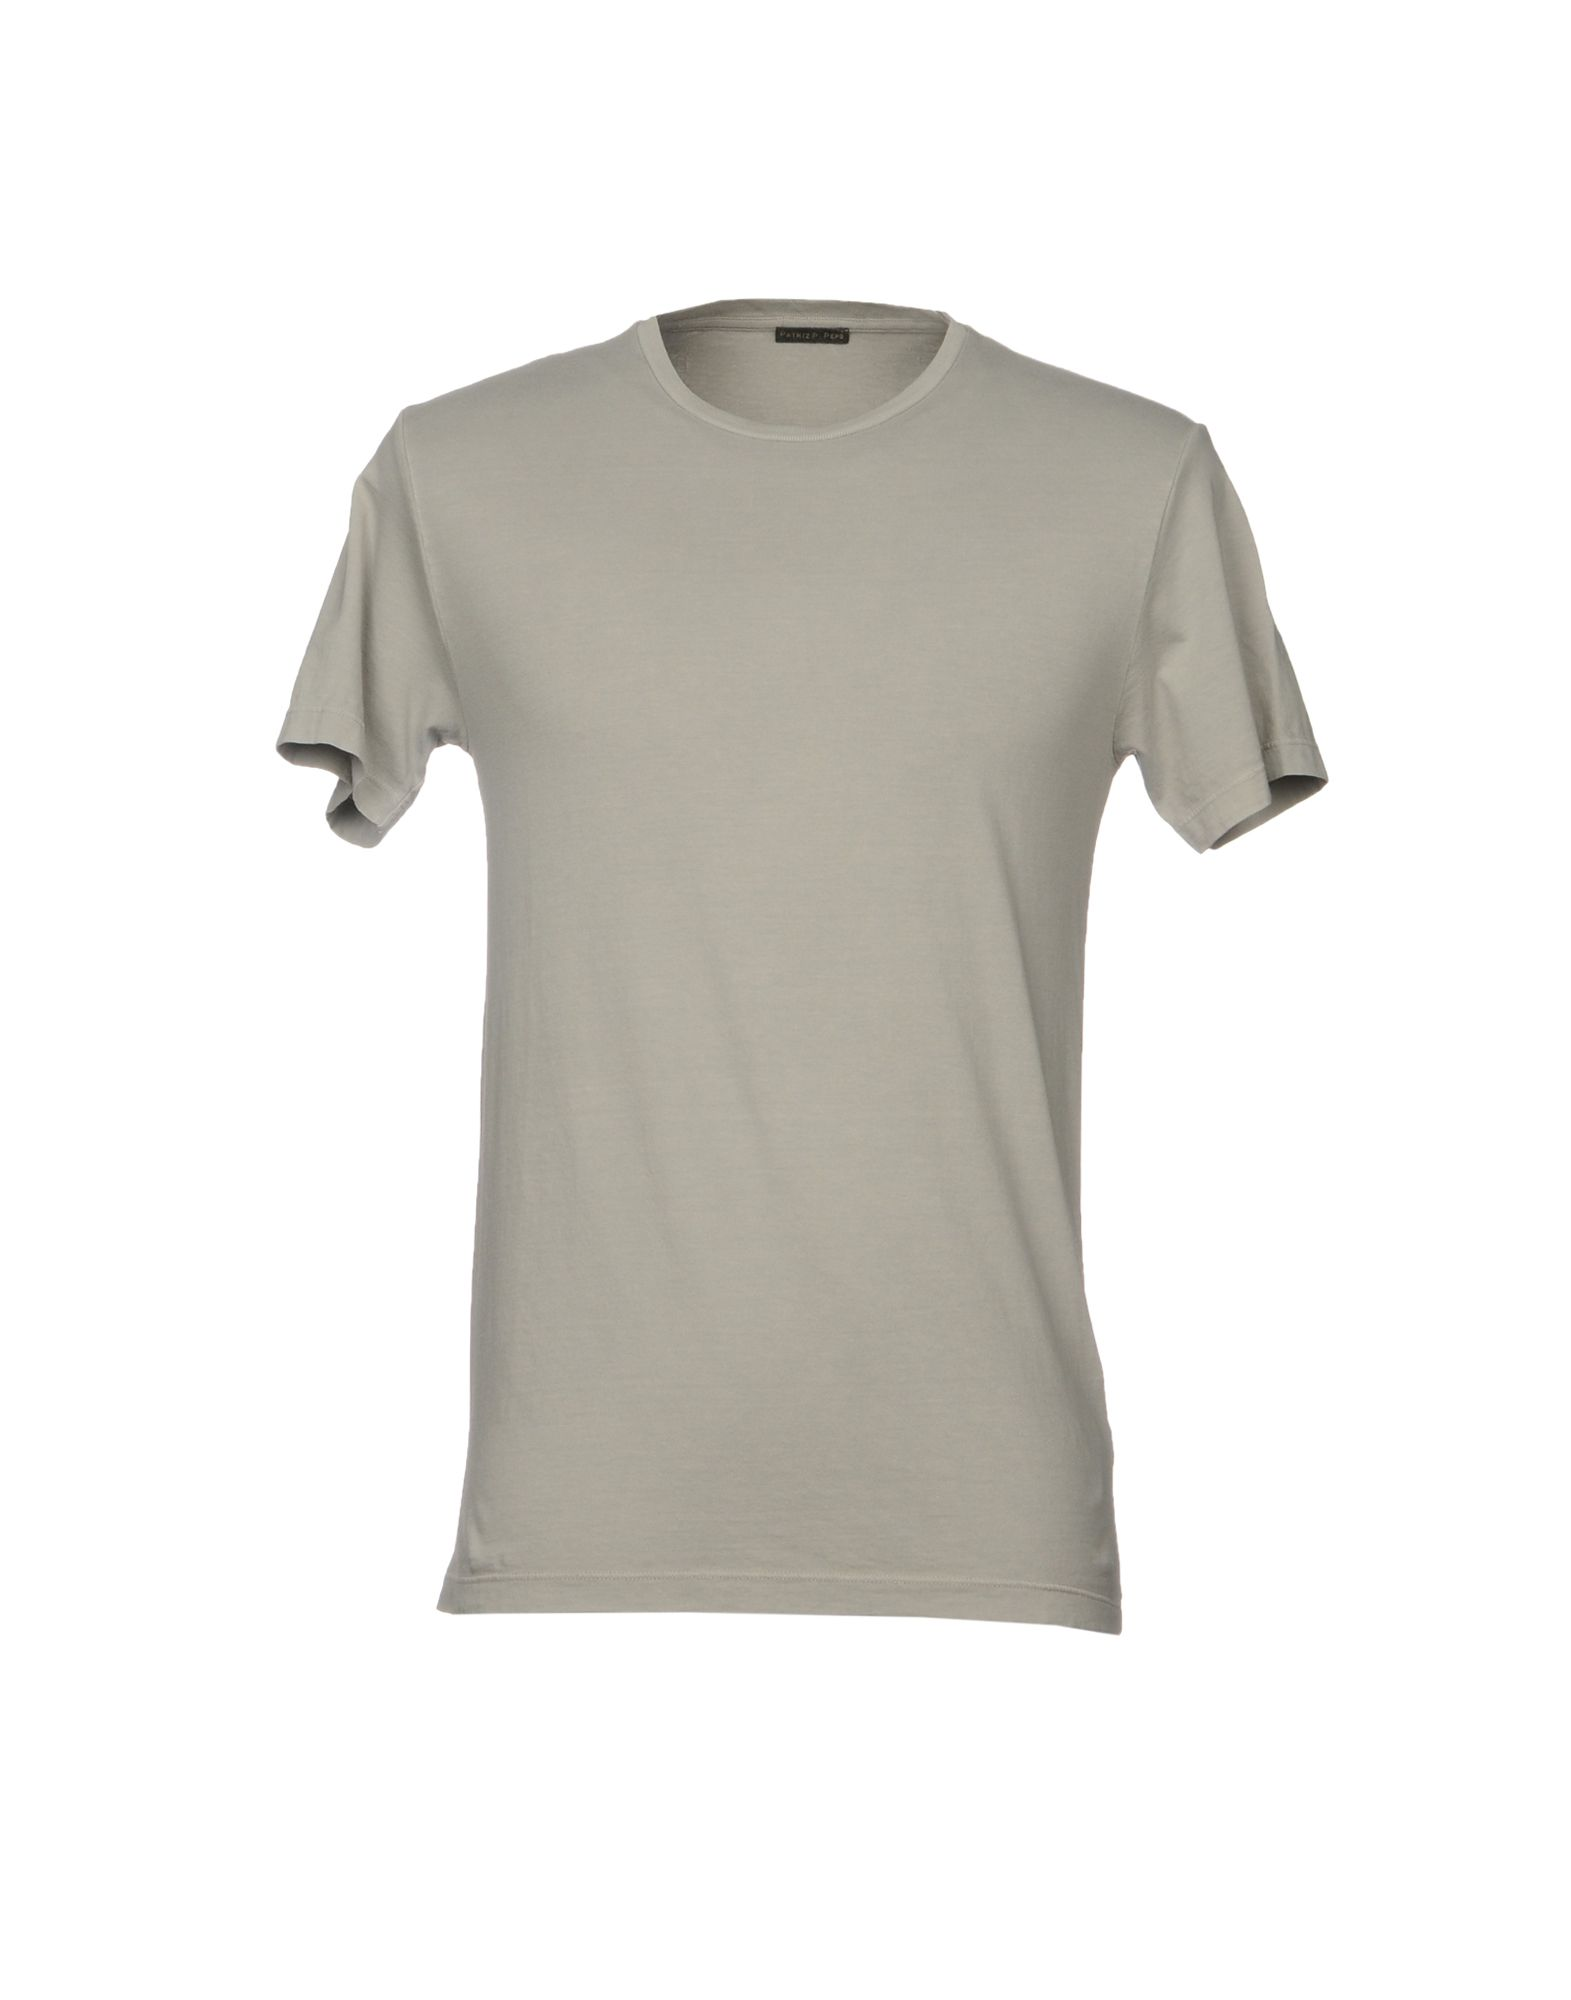 PATRIZIA PEPE Футболка футболка patrizia pepe футболки без рисунка